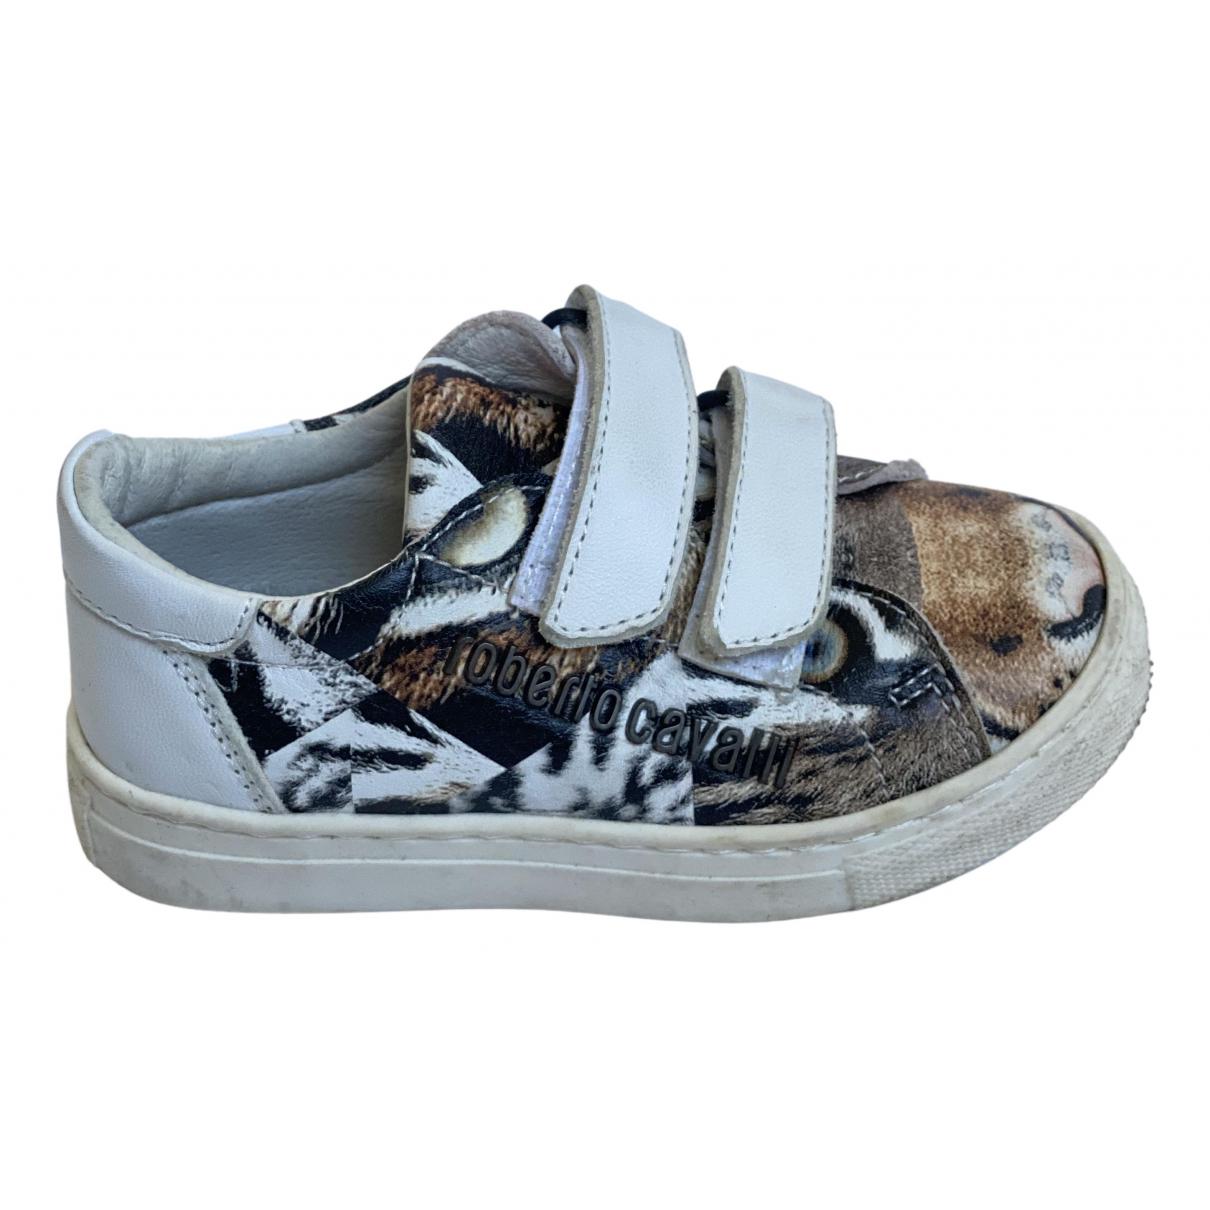 Roberto Cavalli \N Sneakers in  Weiss Leder